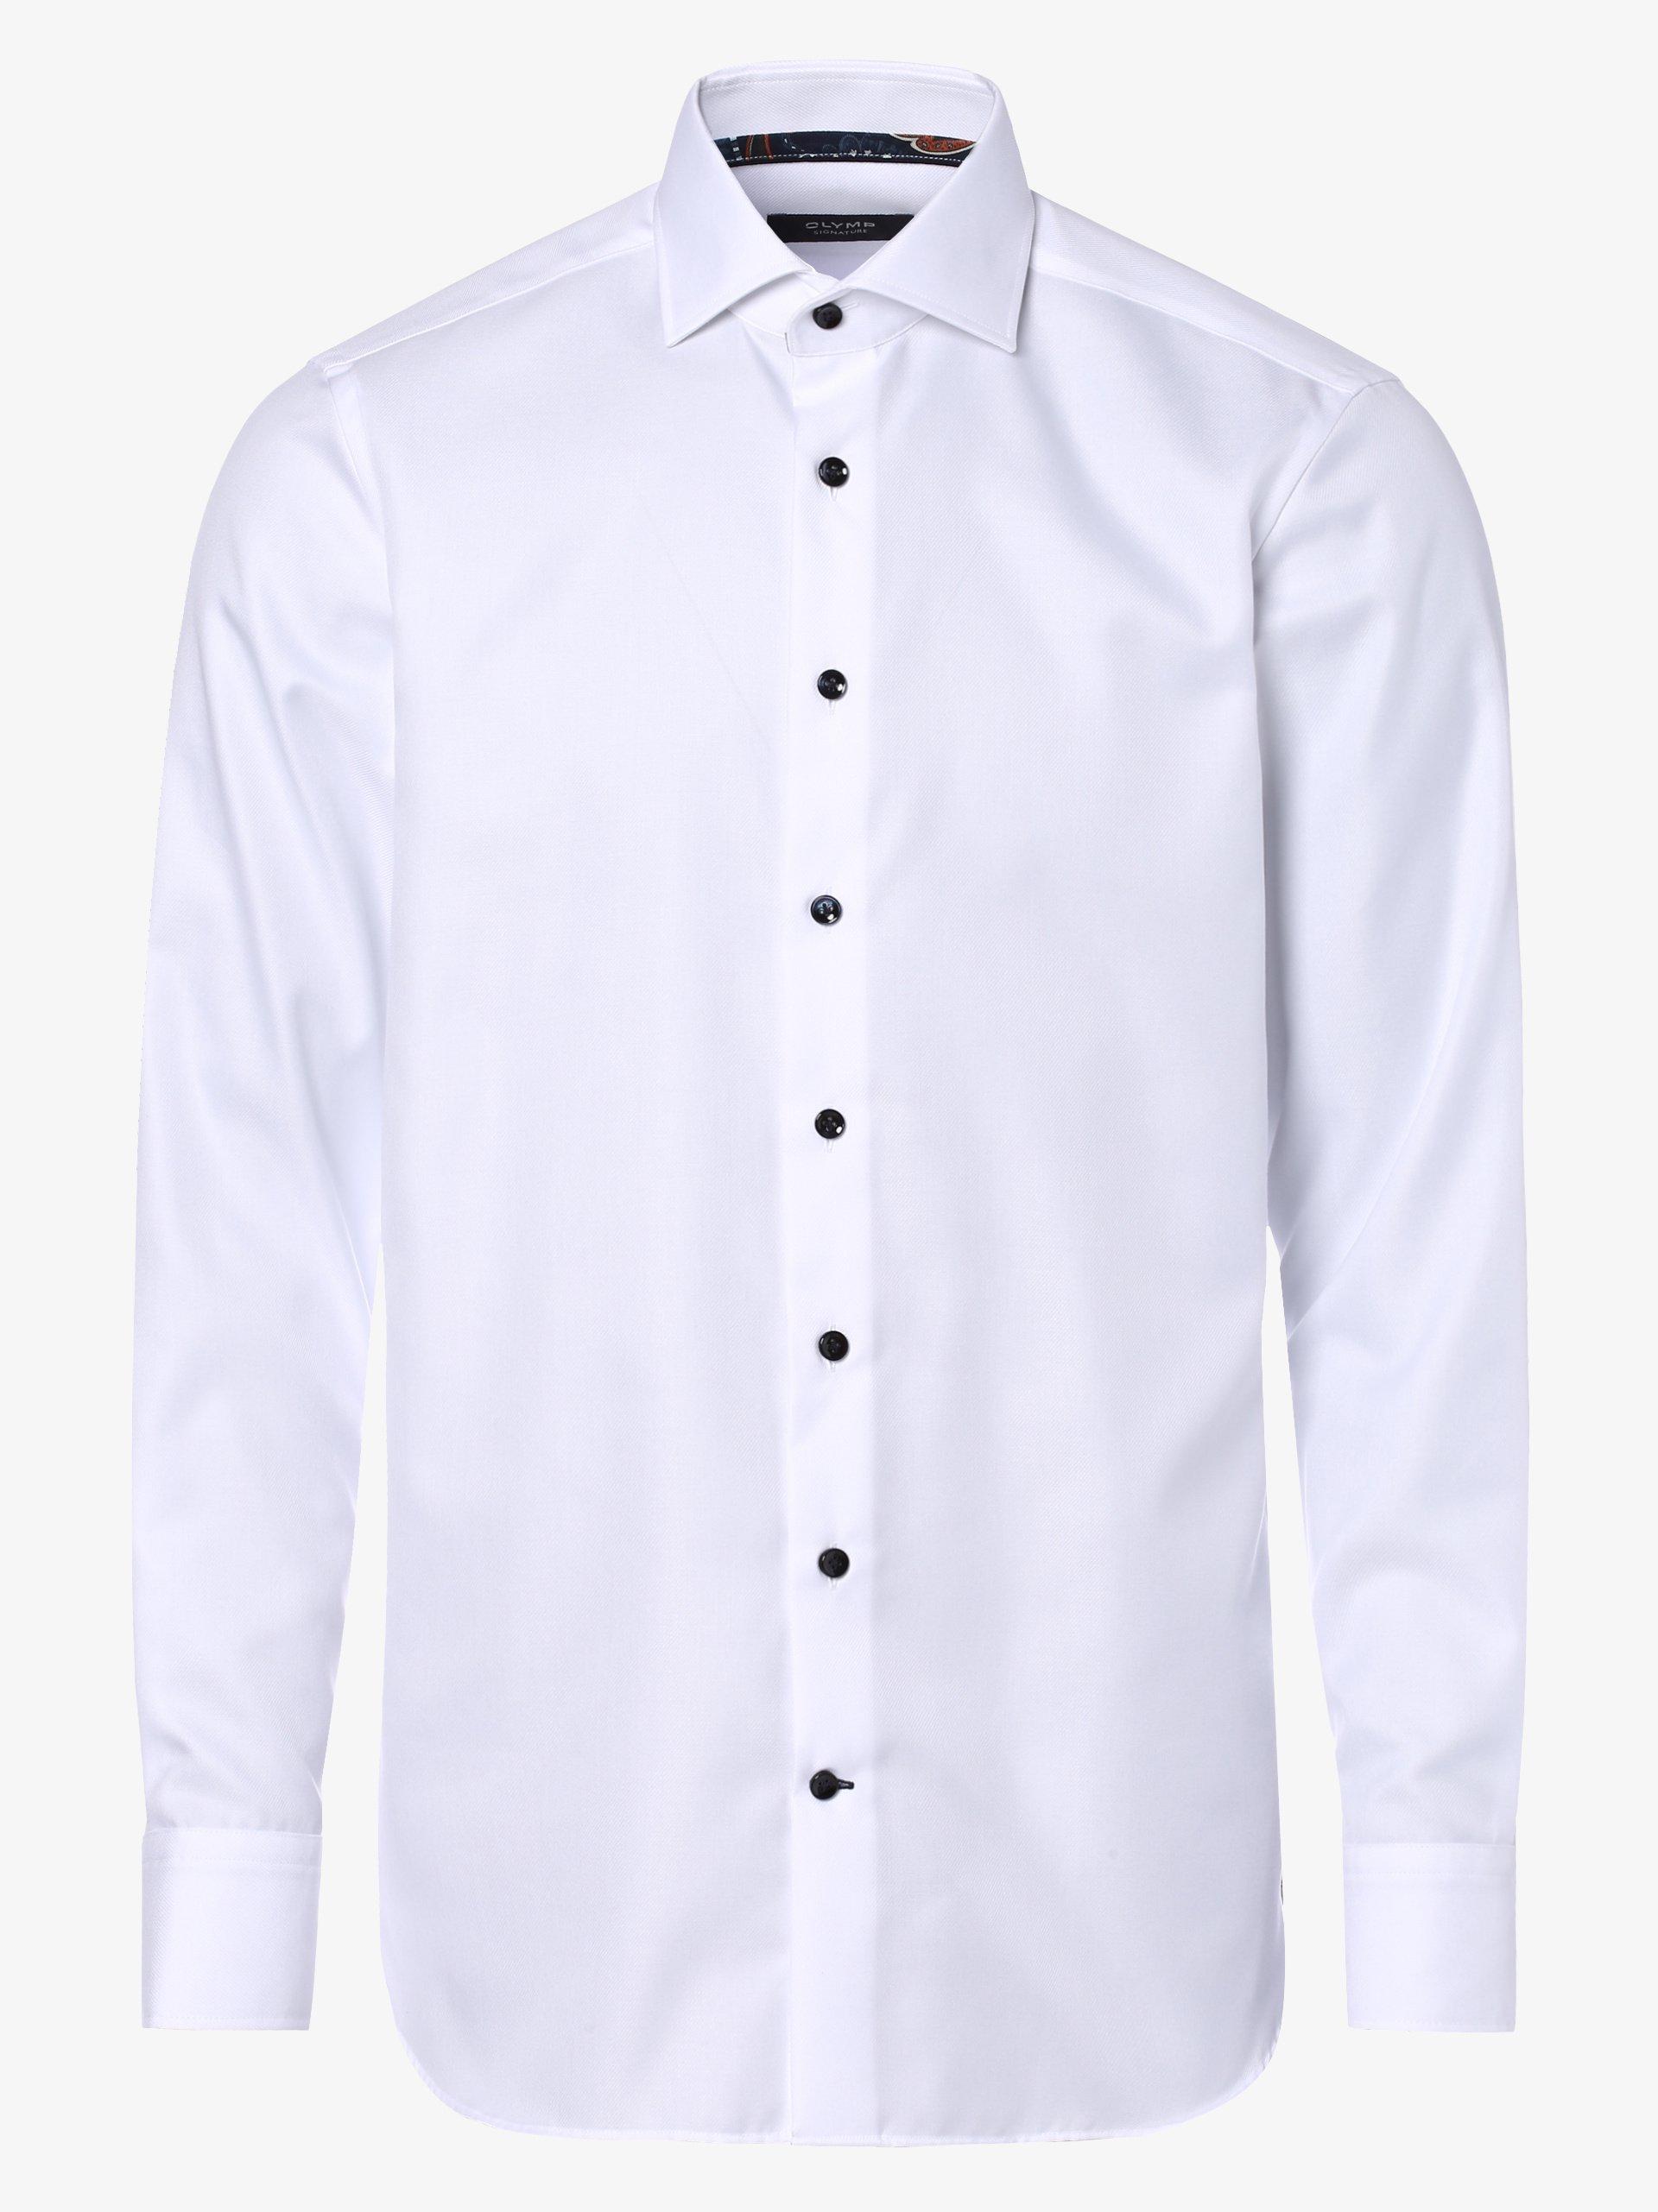 OLYMP SIGNATURE Koszula męska – niewymagająca prasowania